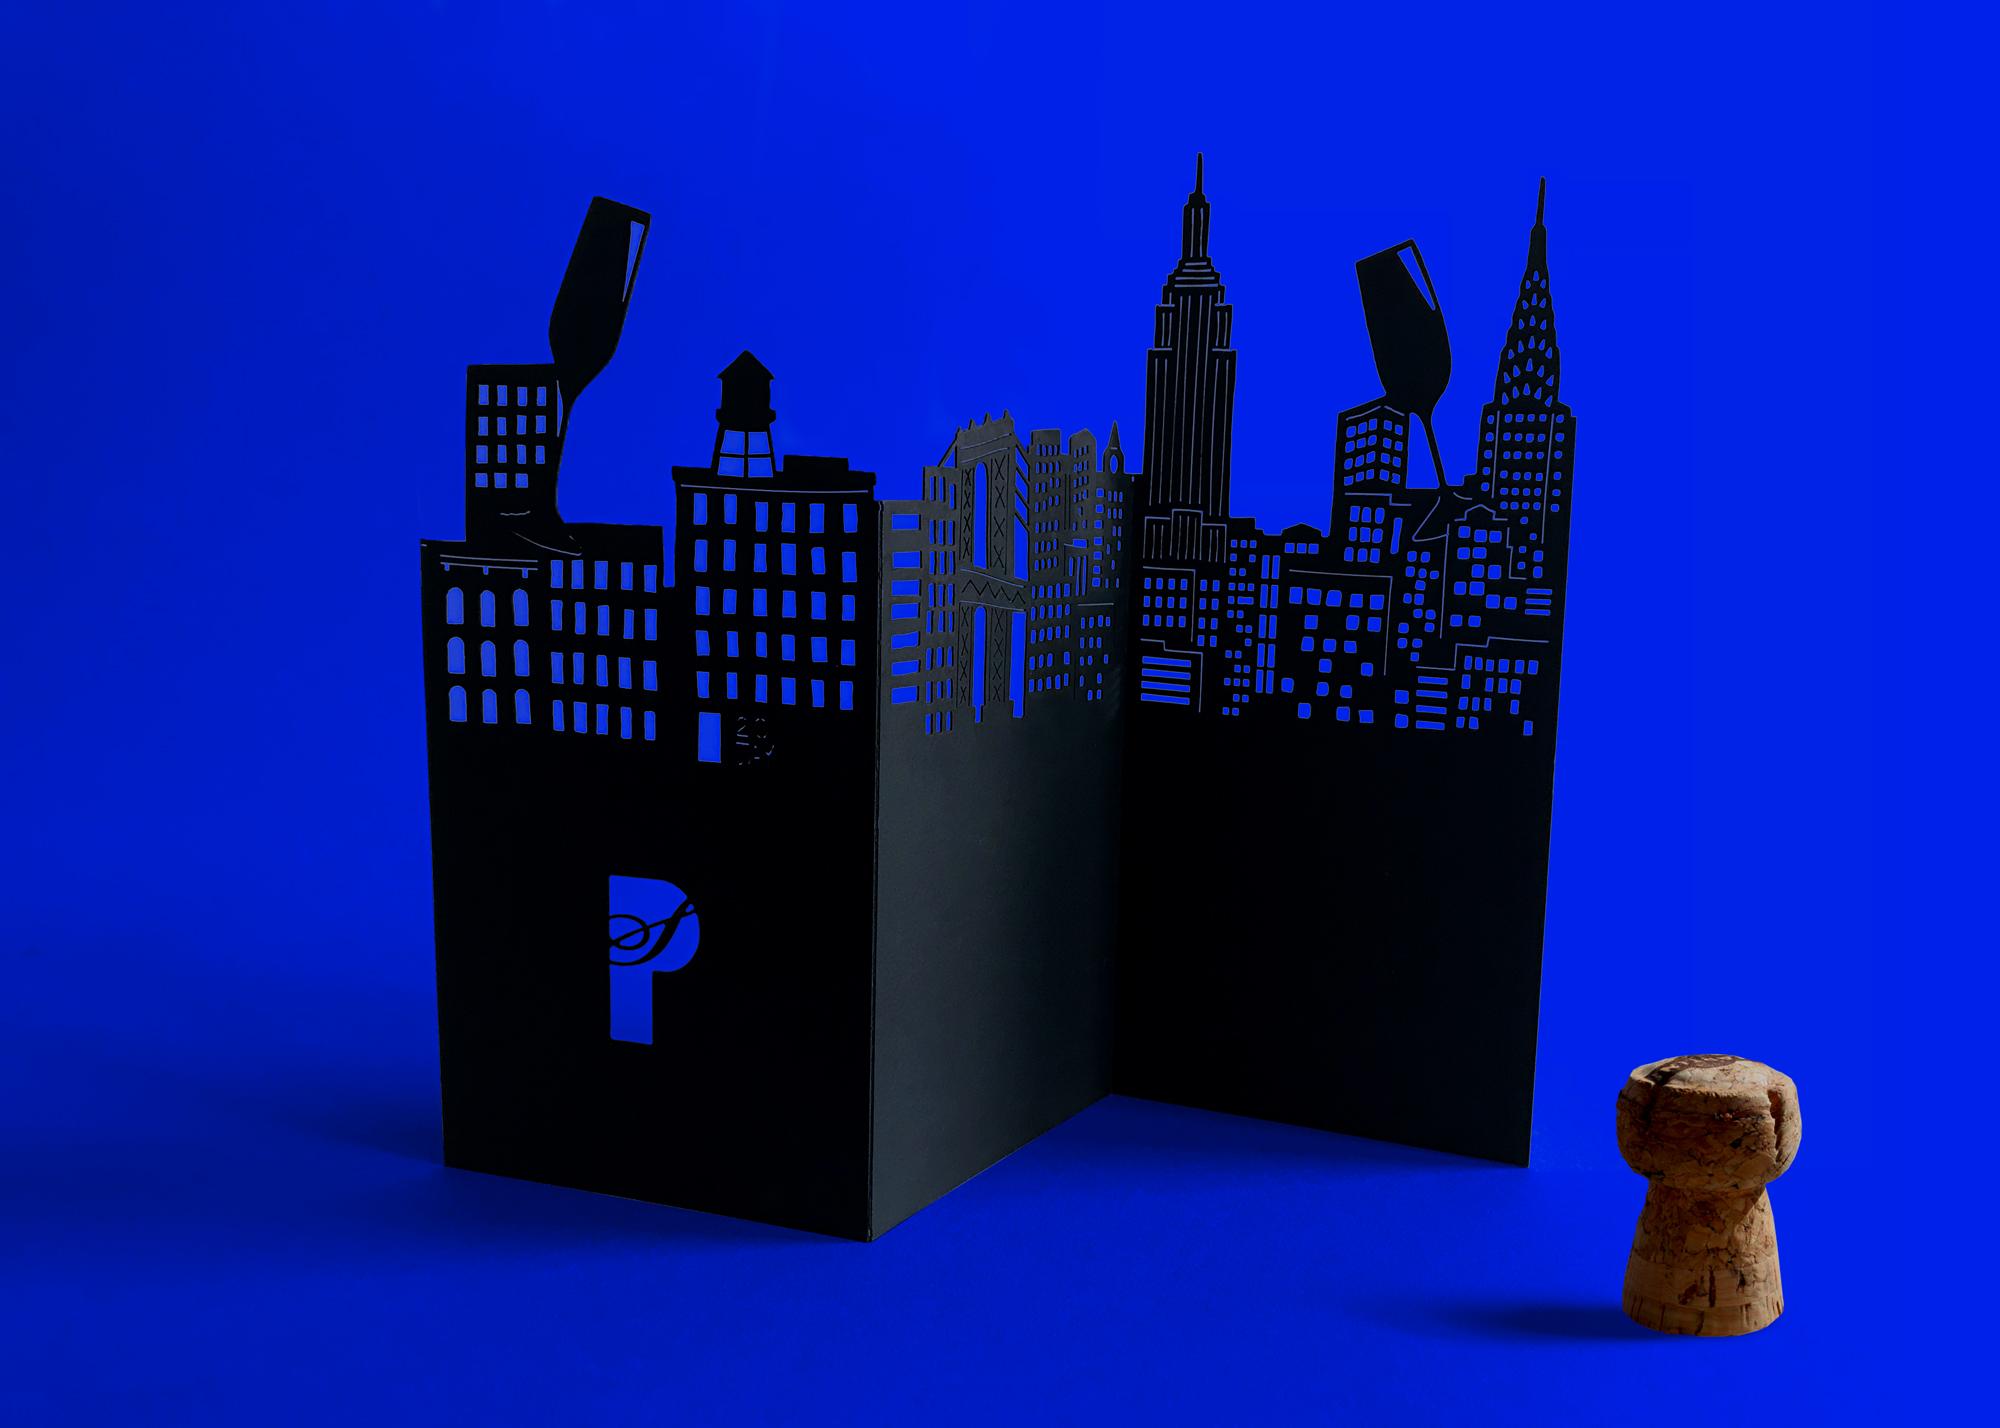 tps-card-blue.jpg